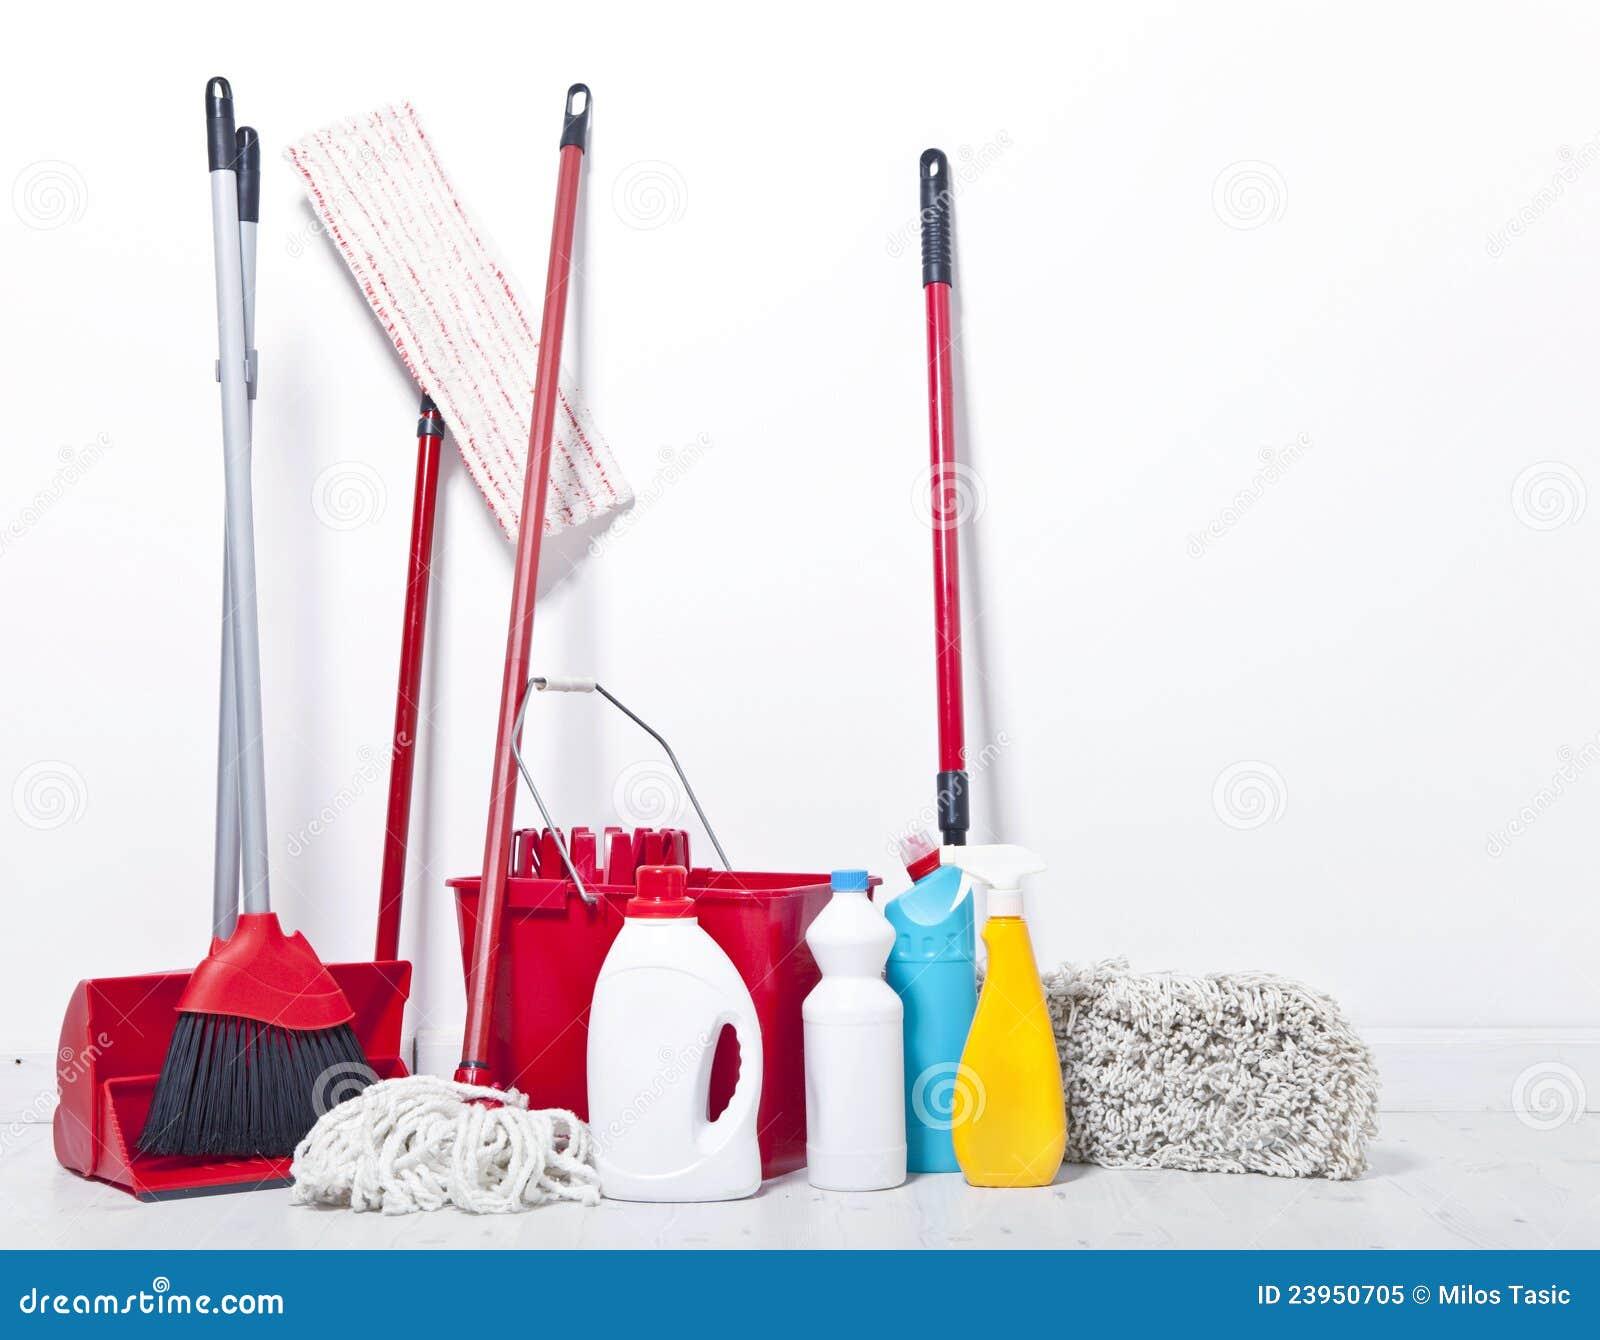 Apparatuur om schoon te maken